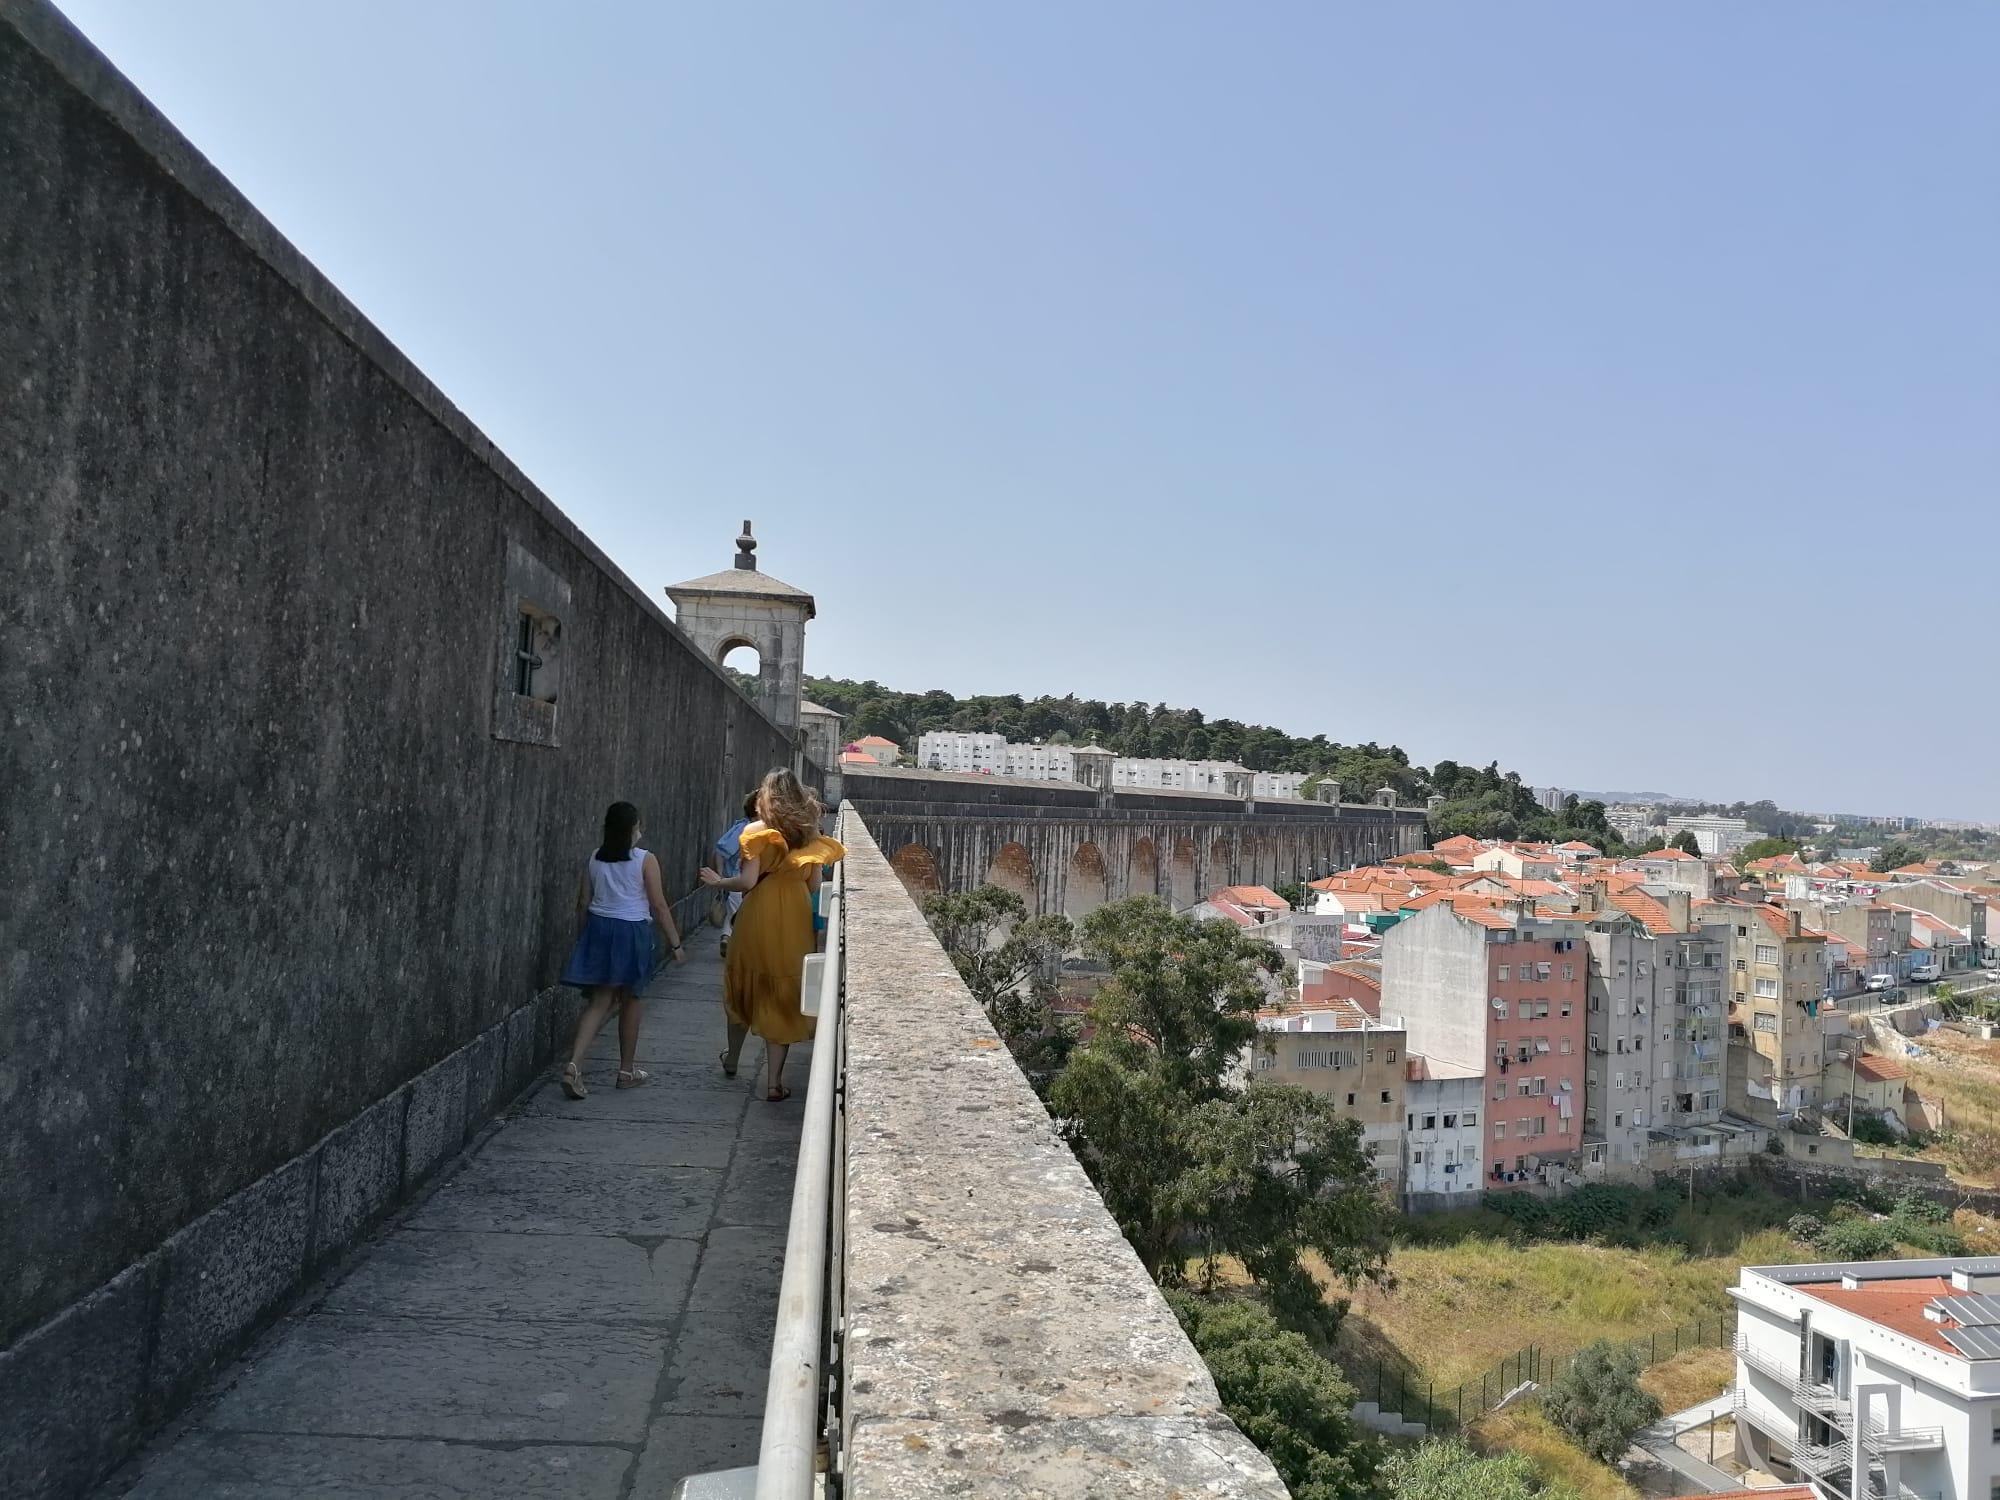 Lisboa vista de cima – Do Aqueduto ao panorâmico do Monsanto